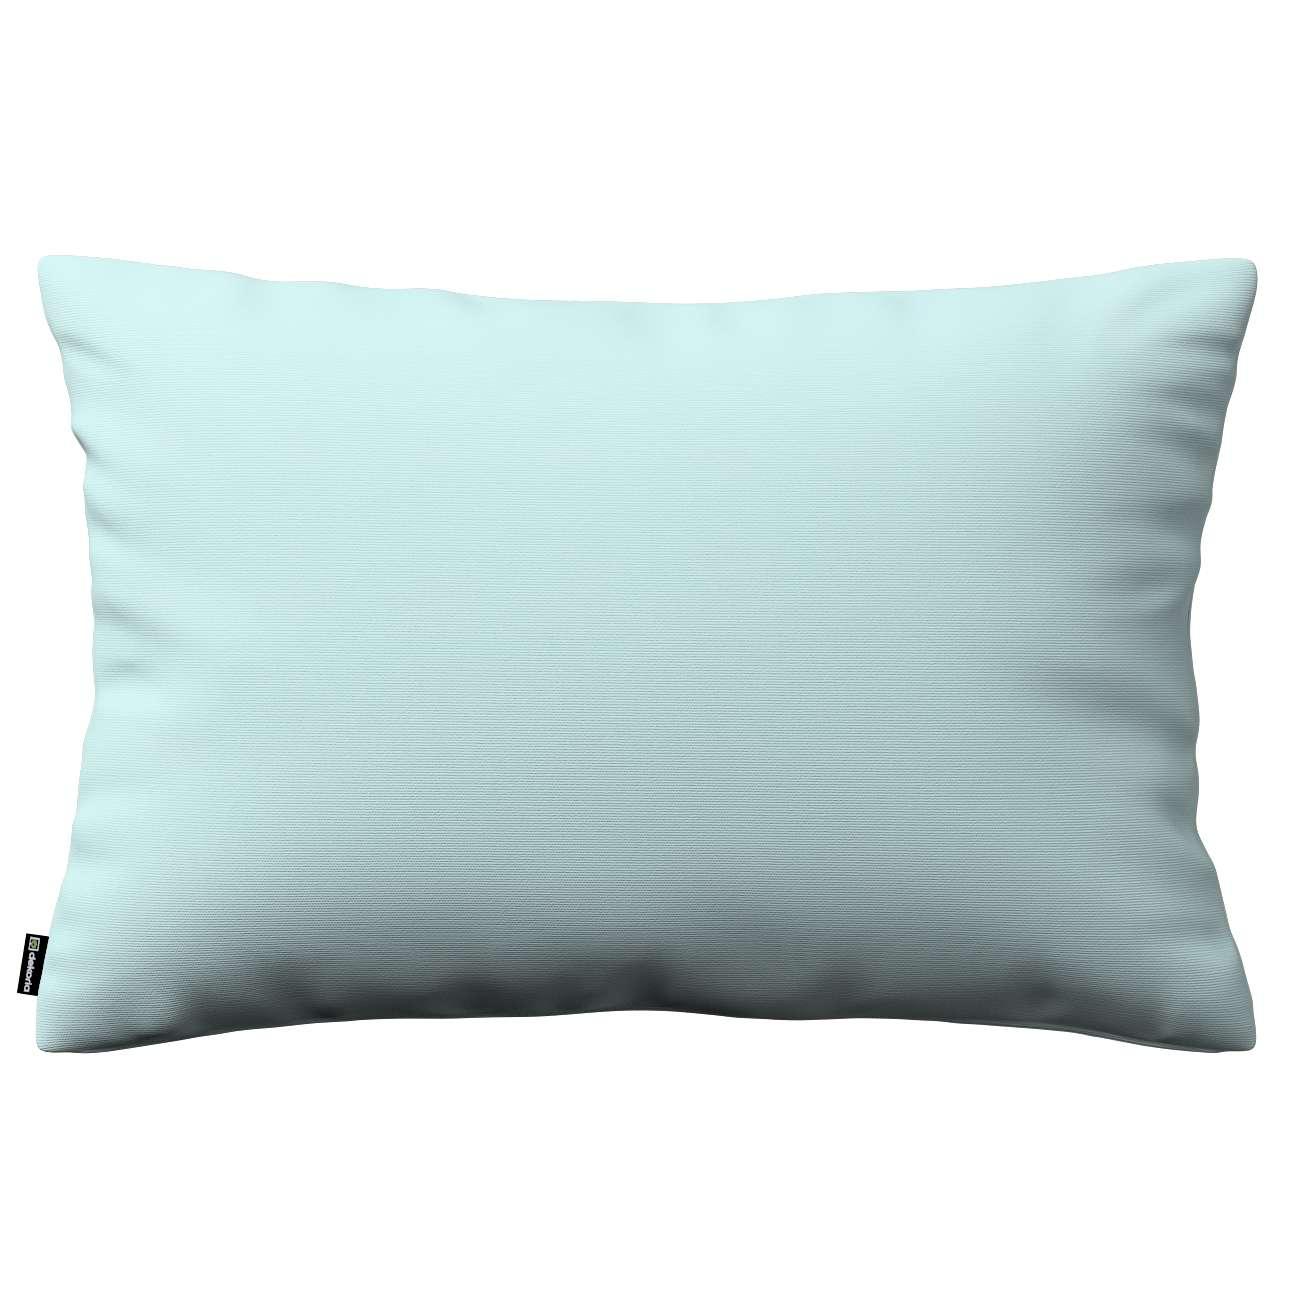 Poszewka Kinga na poduszkę prostokątną 60 x 40 cm w kolekcji Cotton Panama, tkanina: 702-10